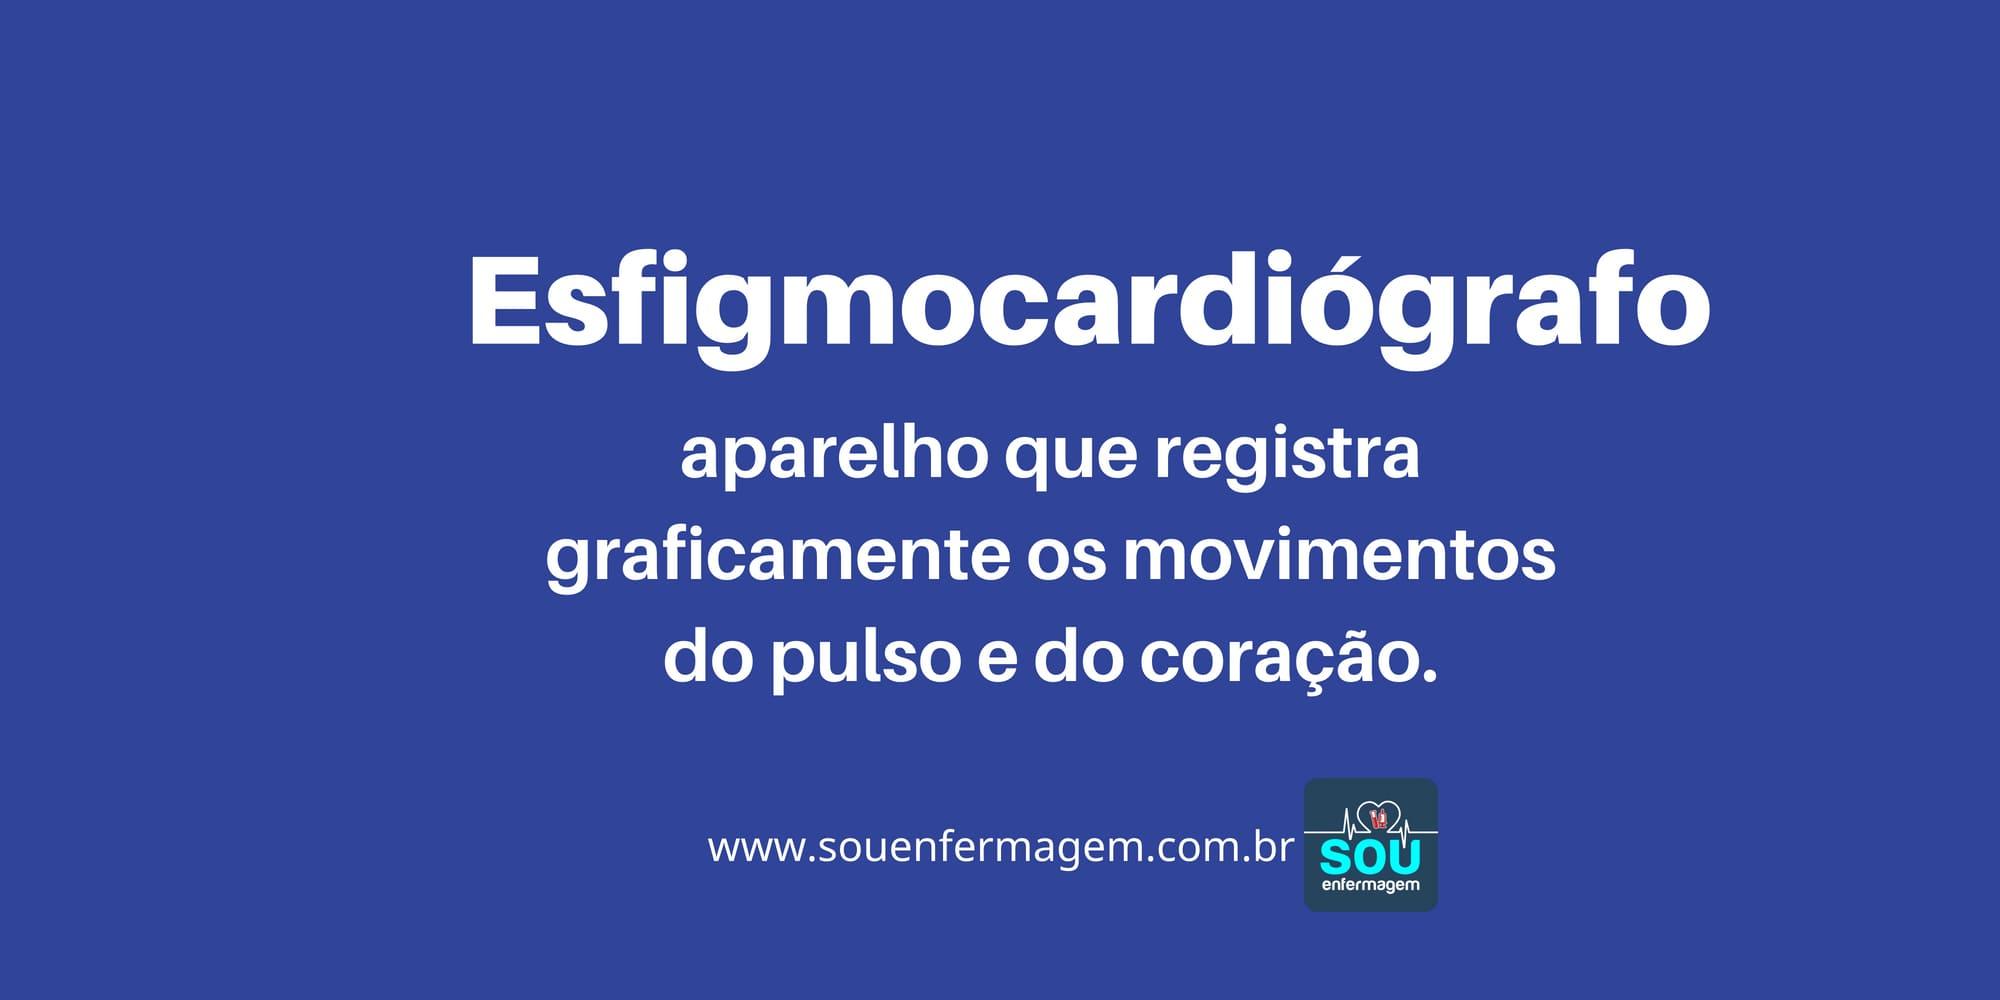 Esfigmocardiógrafo